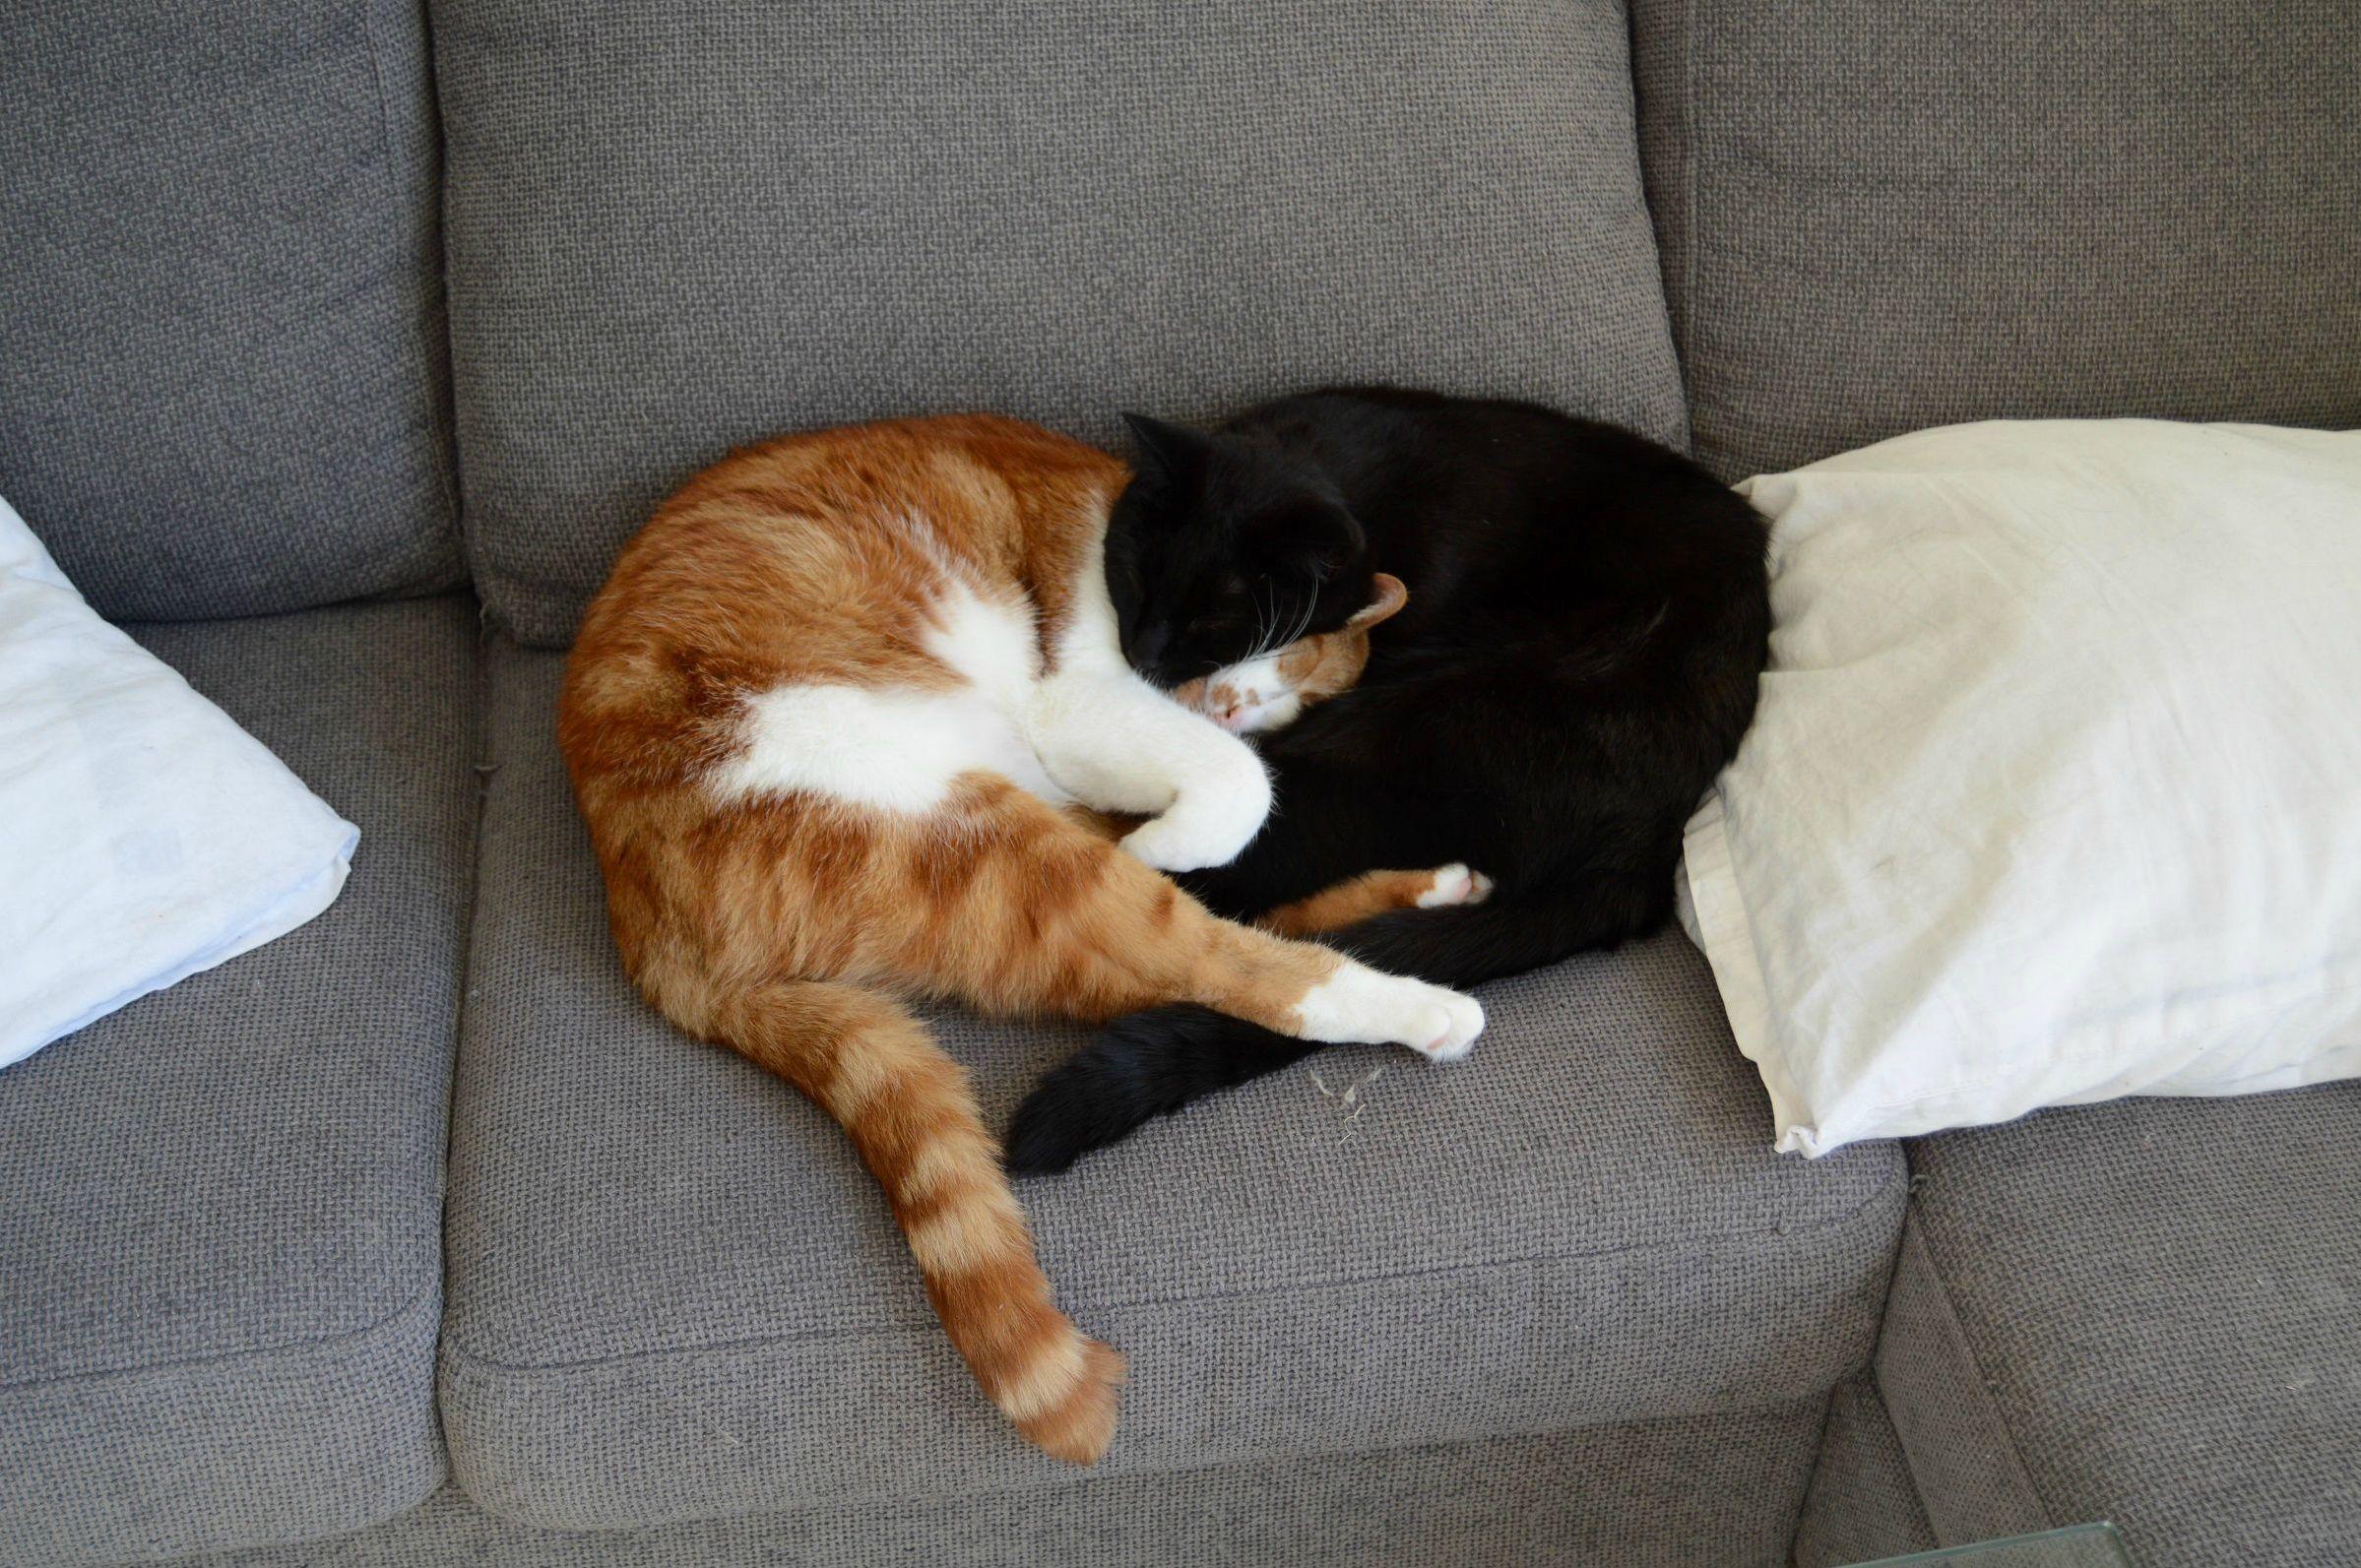 Comfy cat cuddles